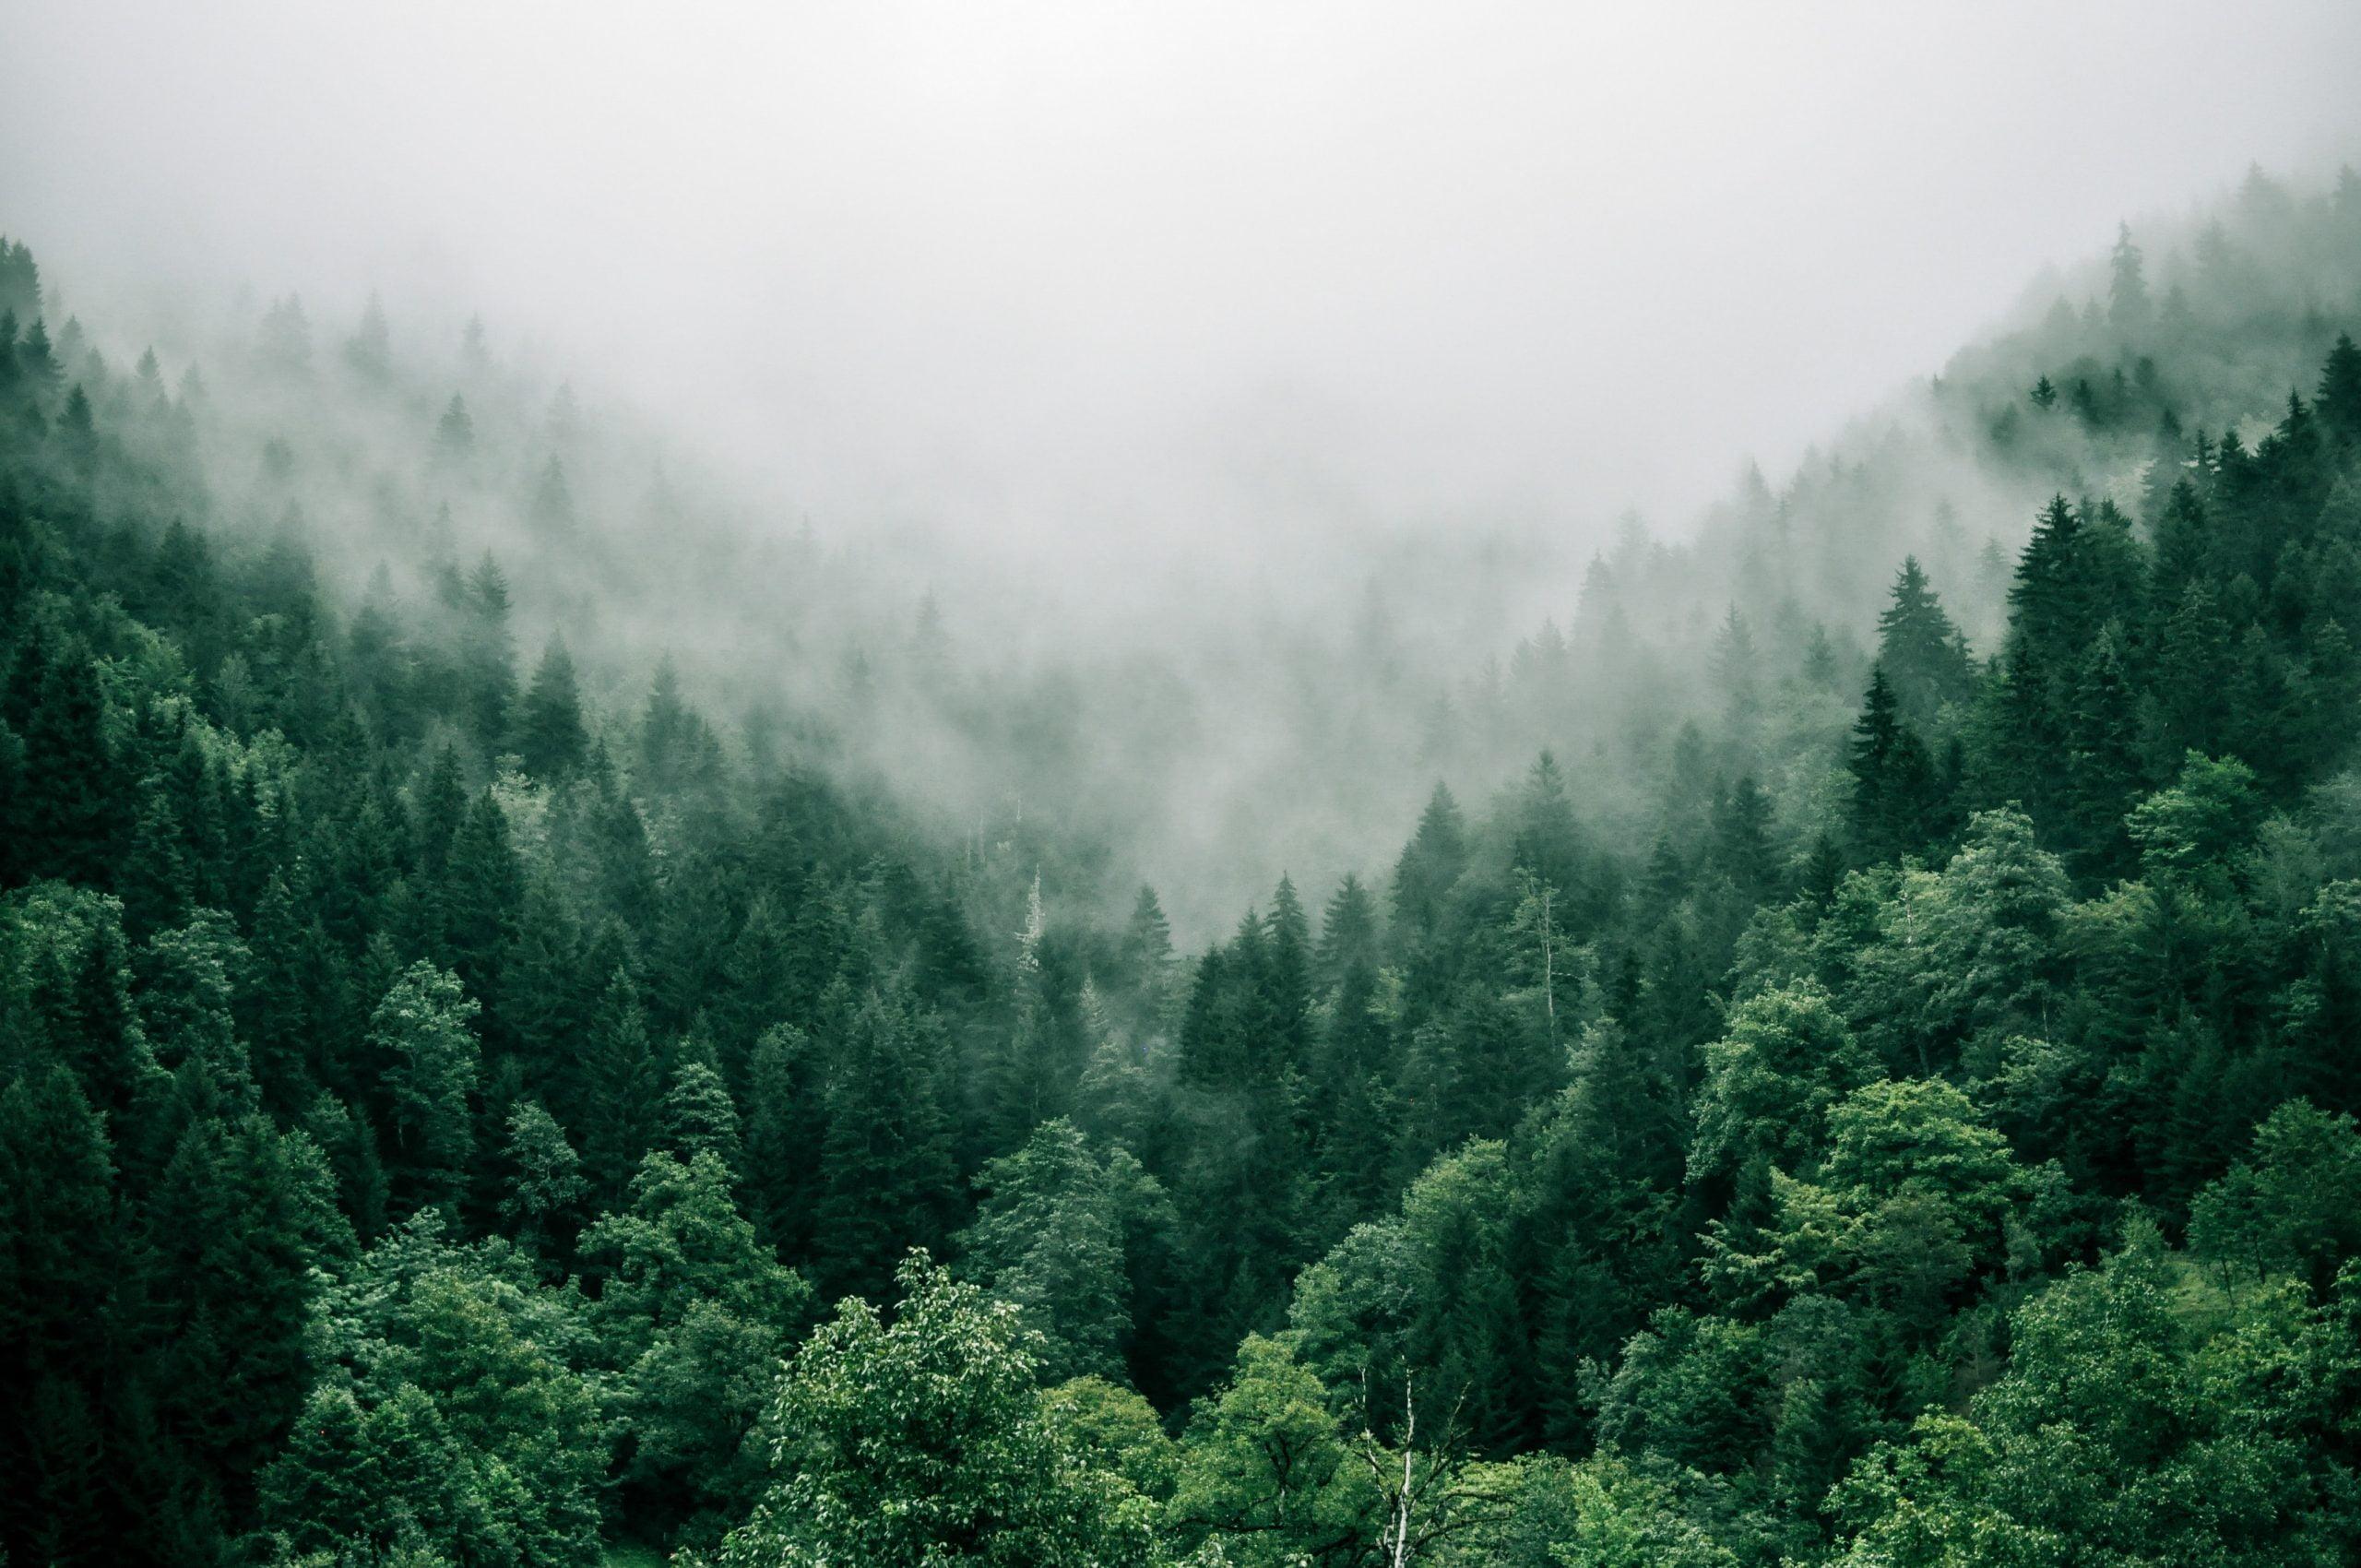 Un paso más: Nos comprometemos este 2021 a destinar el 1% de nuestros beneficios a la reforestación.